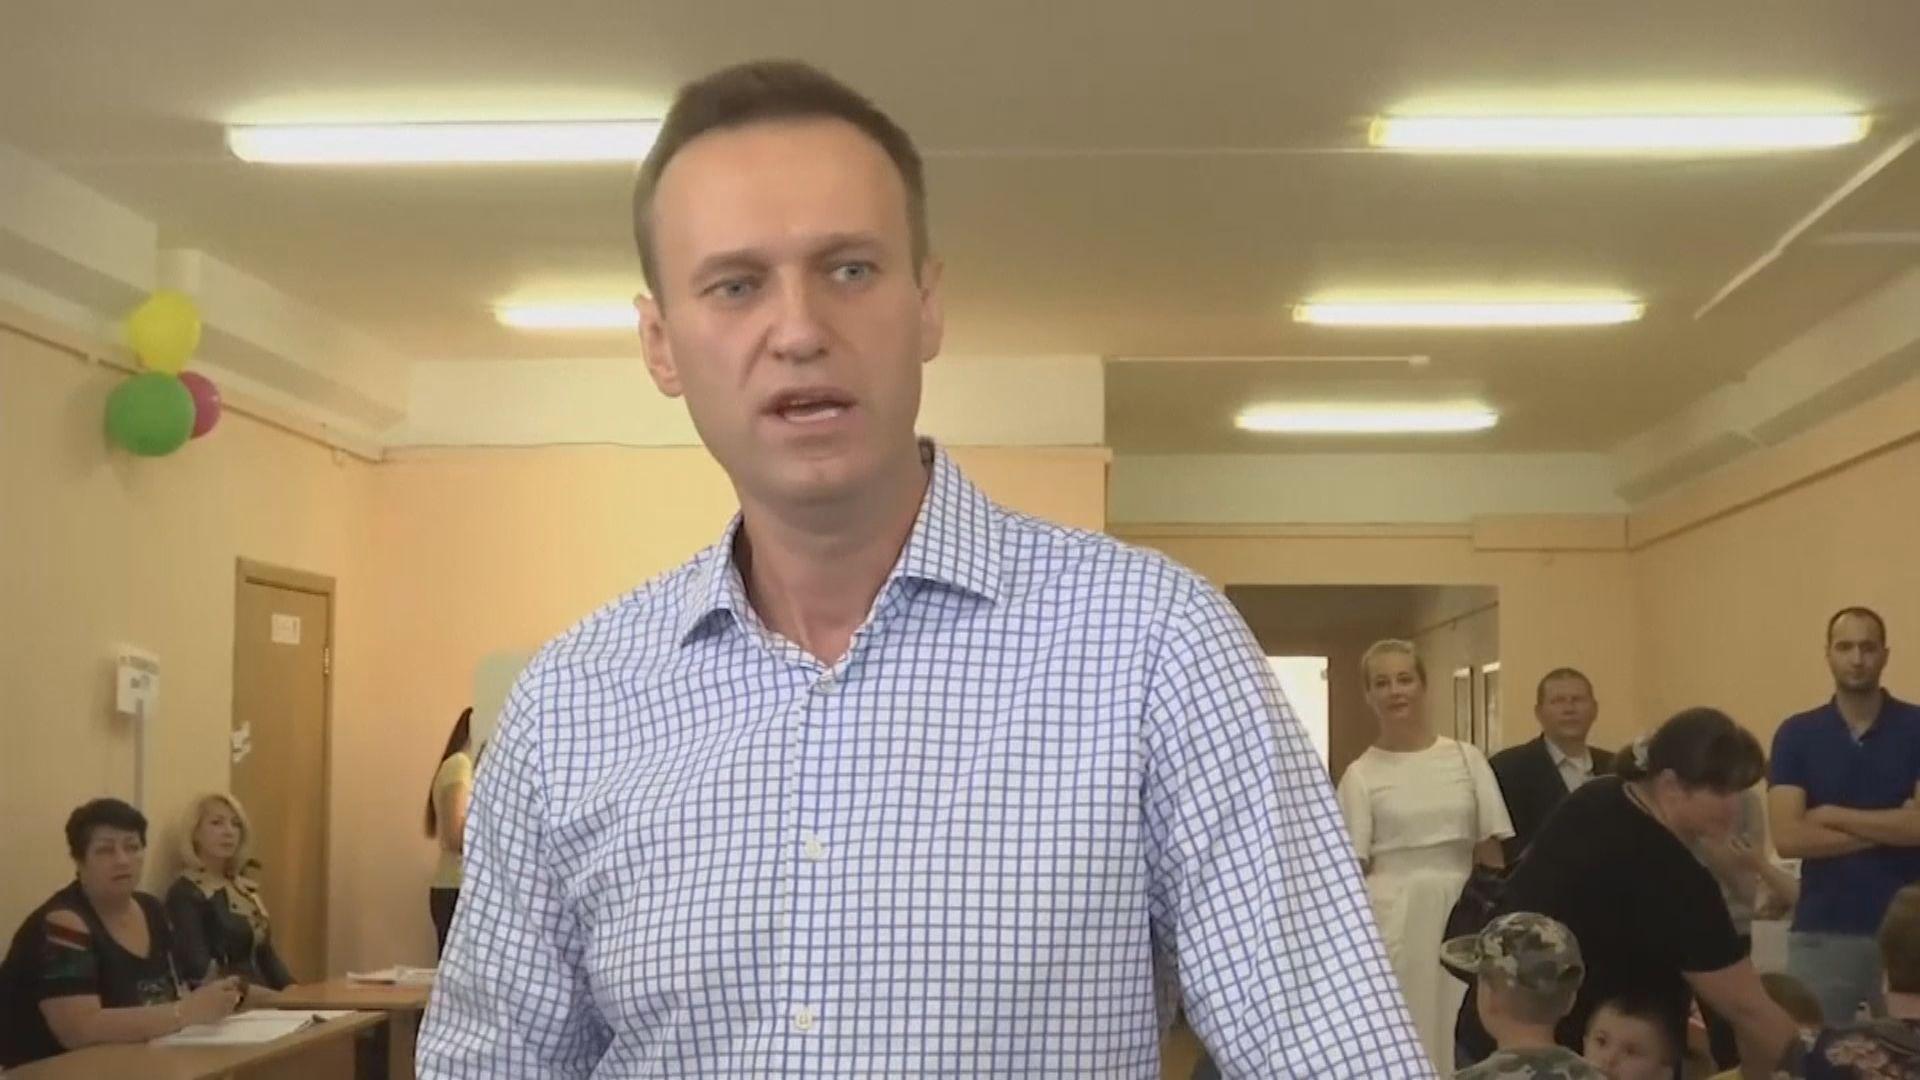 俄反對派領袖納瓦爾尼疑遭人下毒入院 情況嚴重